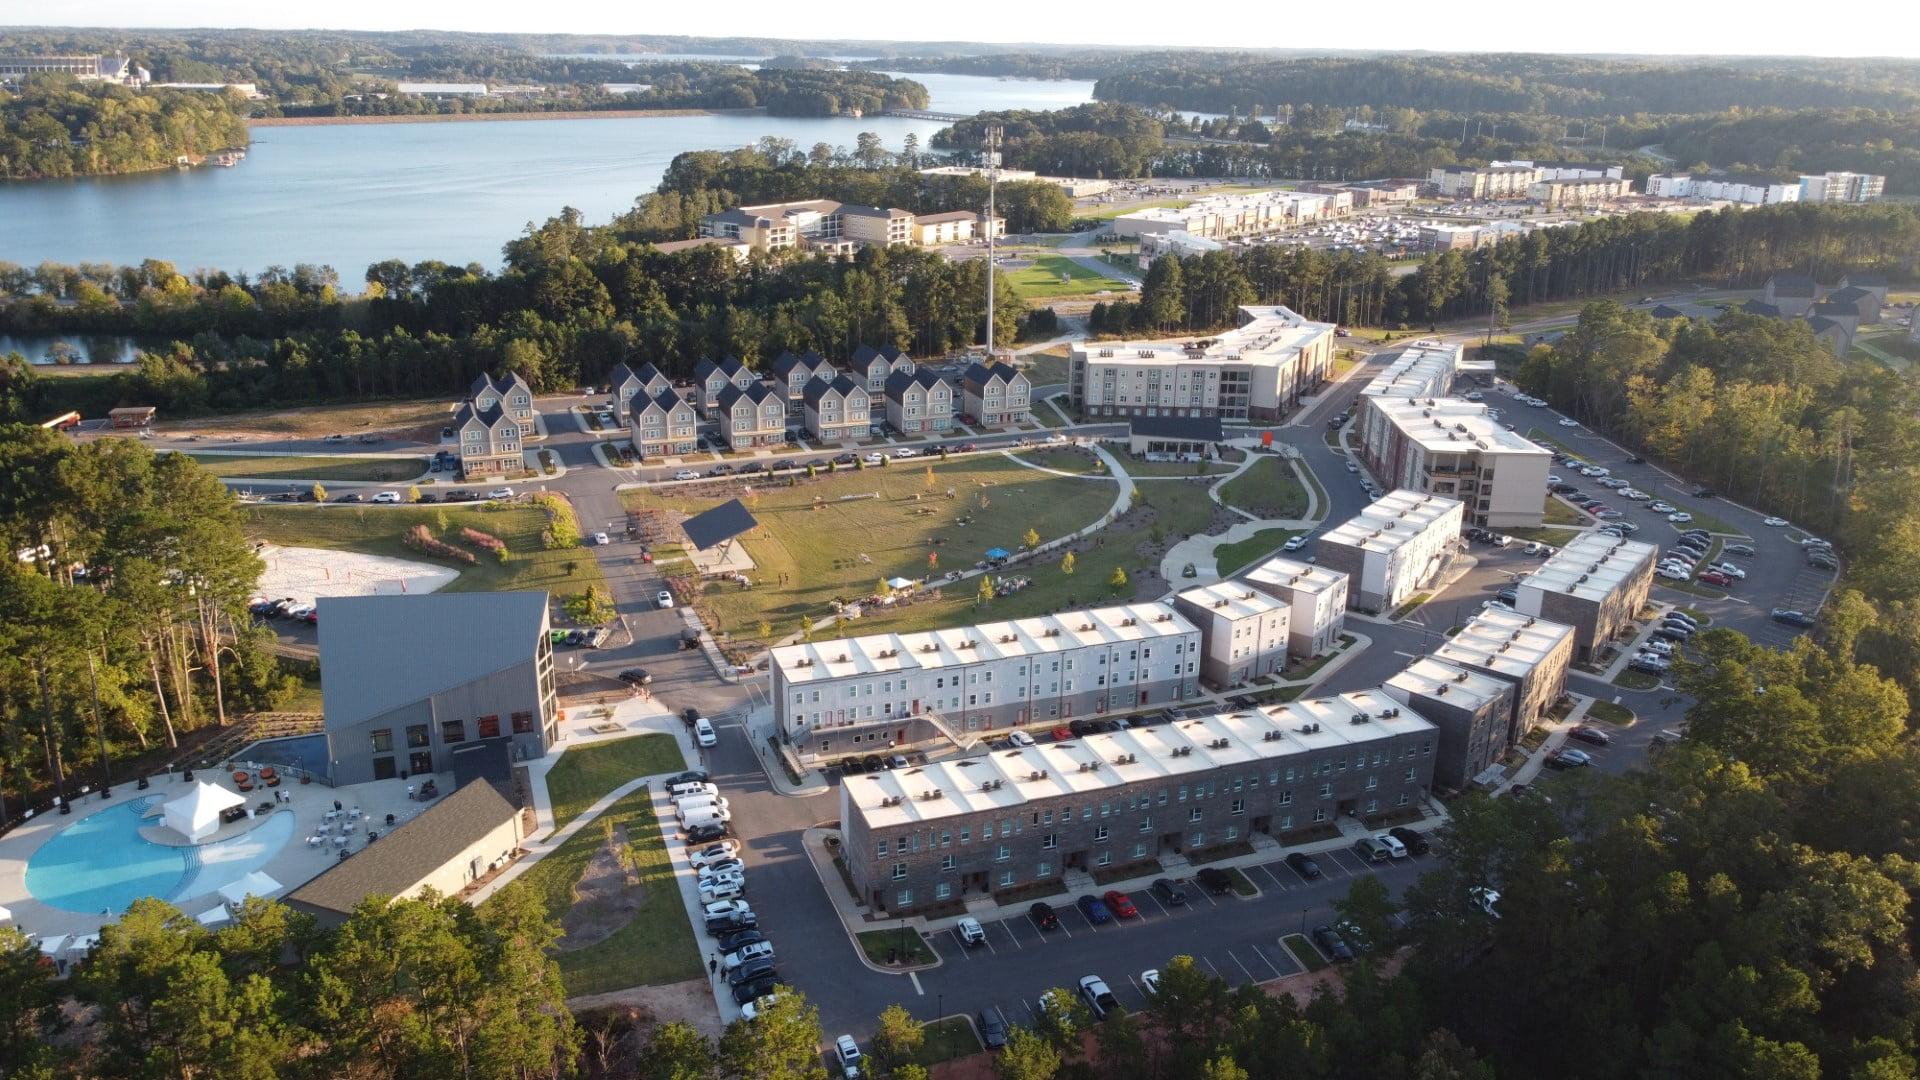 EPOCH Clemson Aerial View